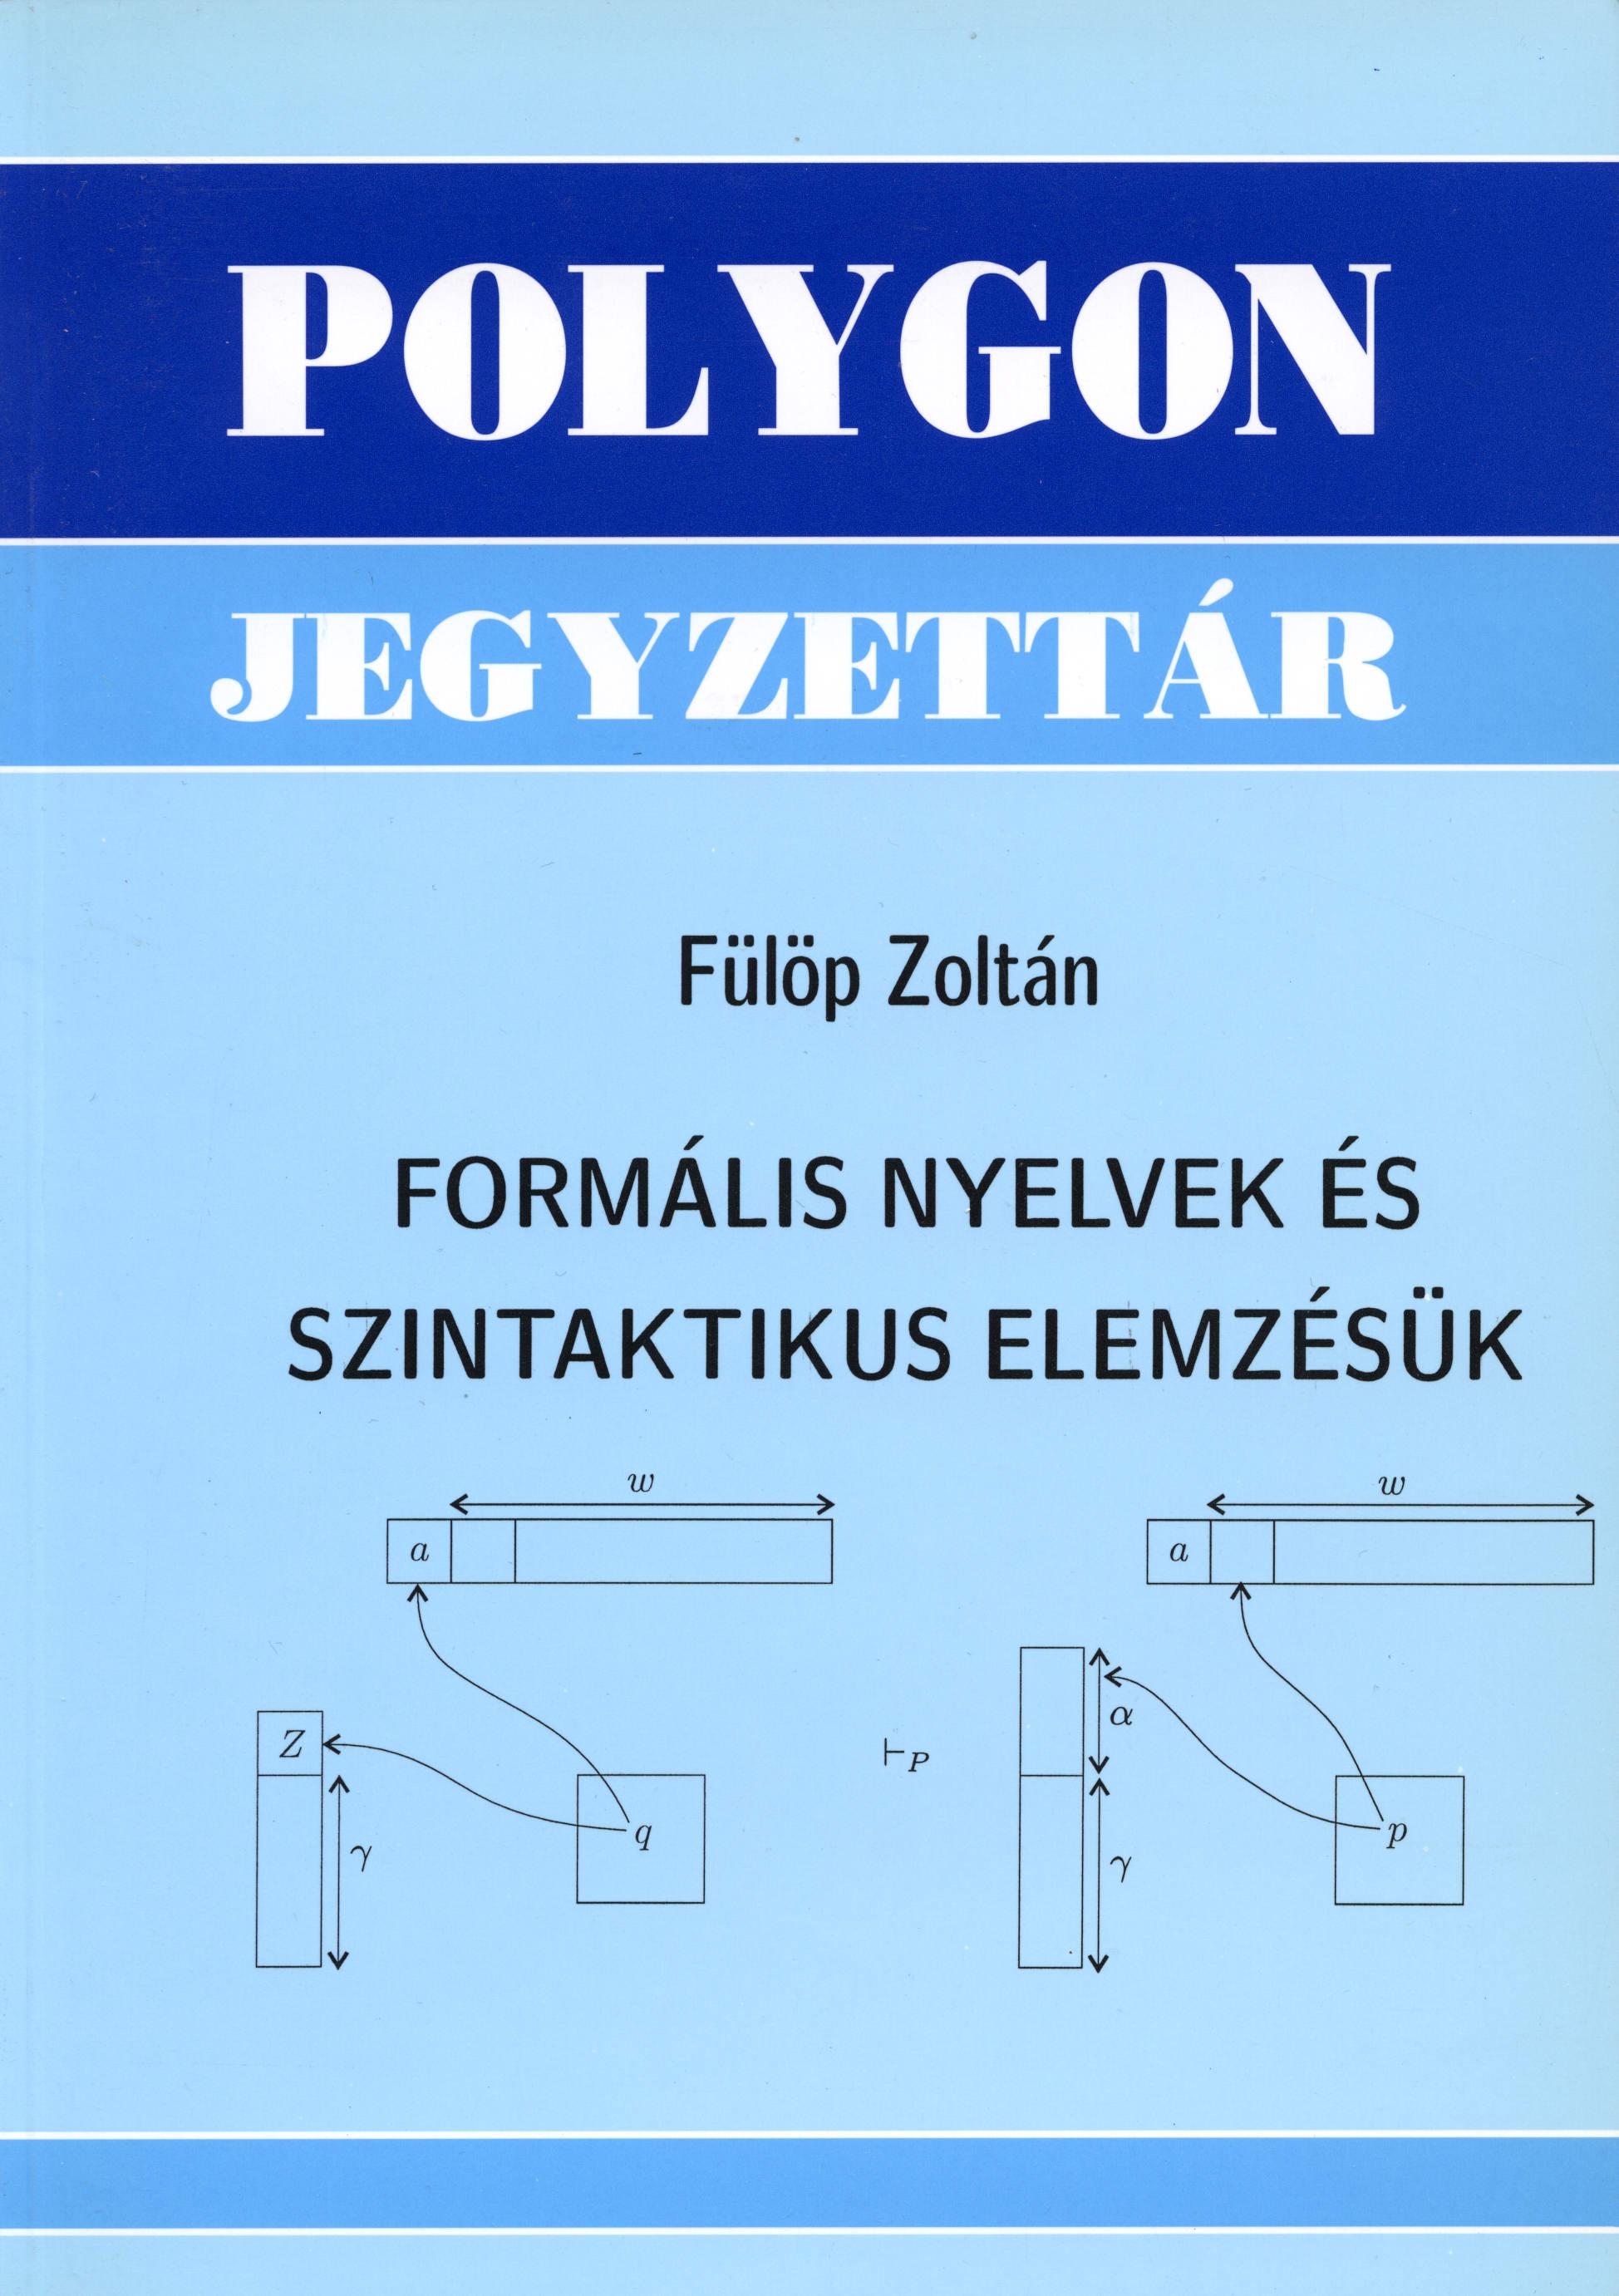 Formális nyelvek és szintaktikus elemzésük - Polygon jegyzet